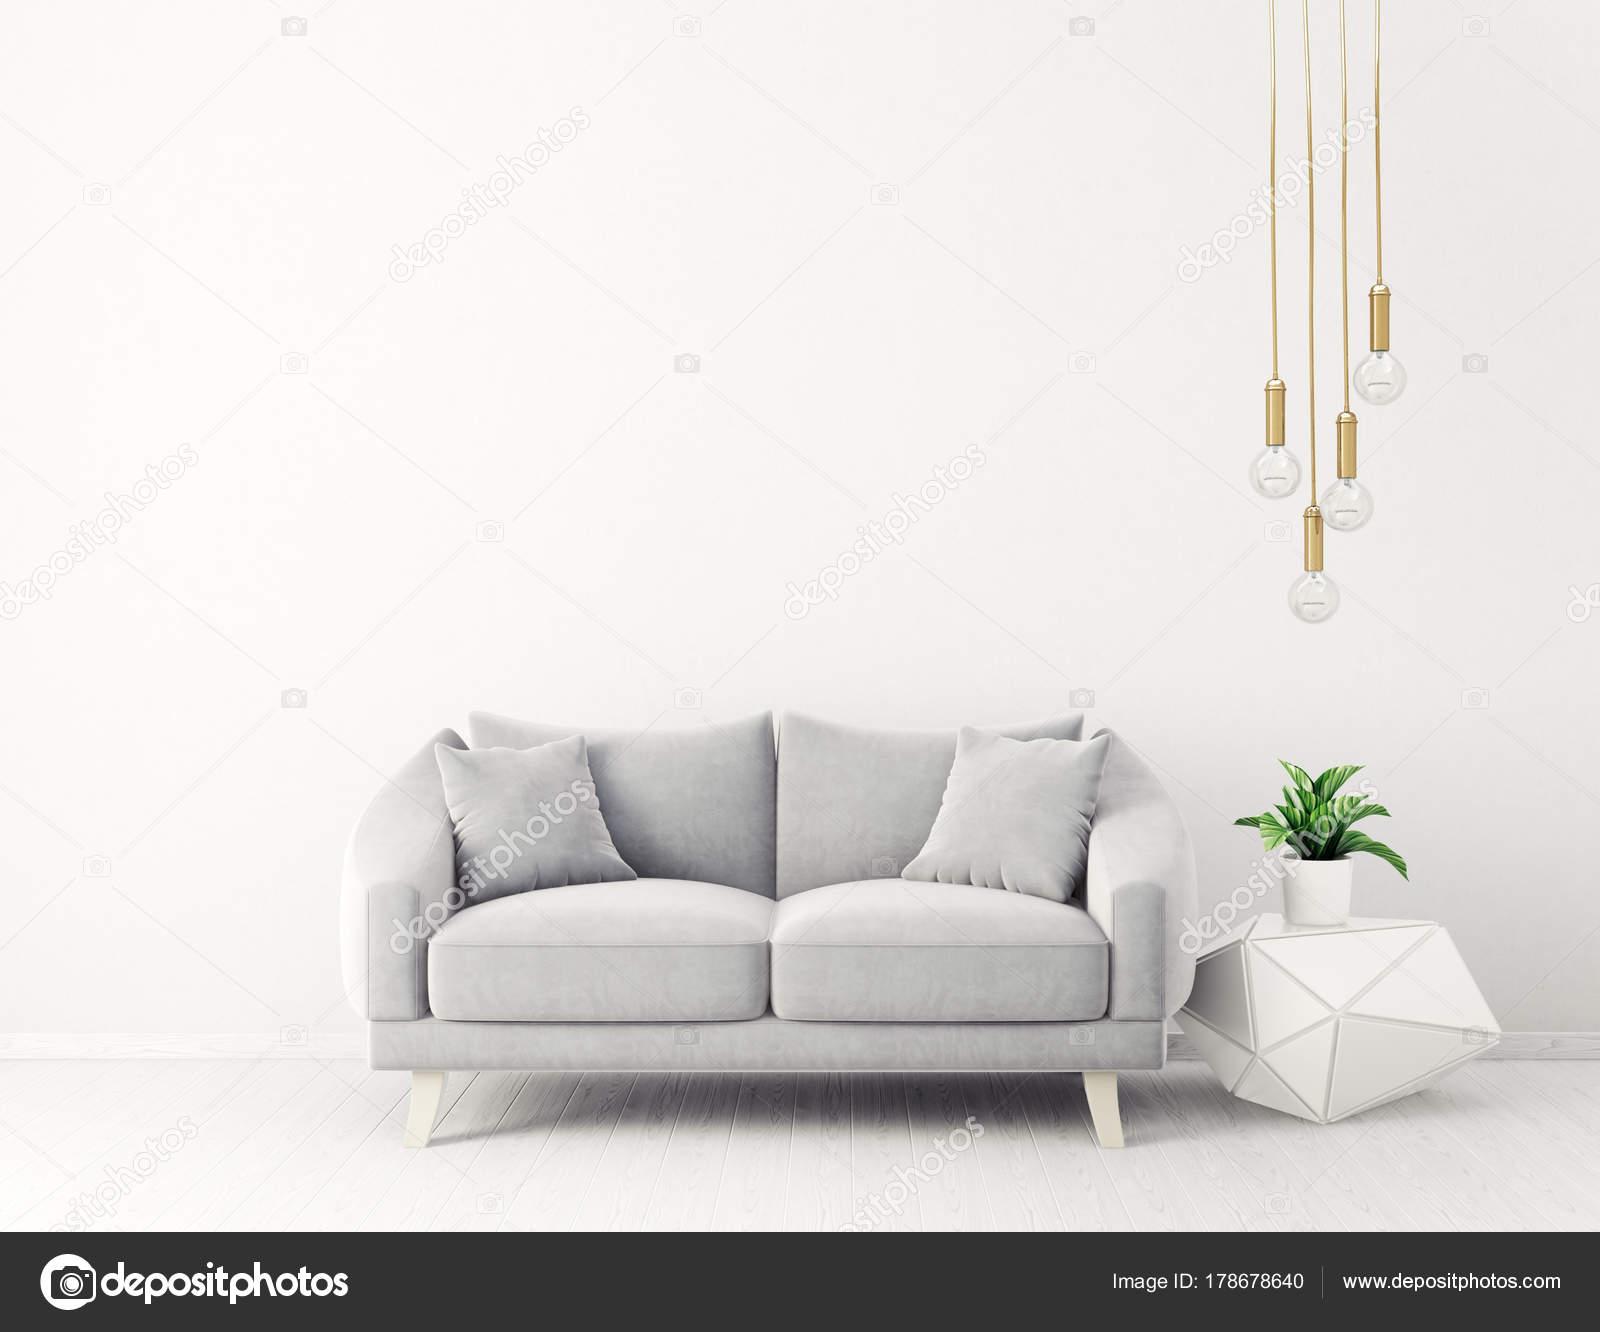 Lampen Scandinavisch Interieur : Moderne woonkamer met sofa lampen scandinavisch interieur design